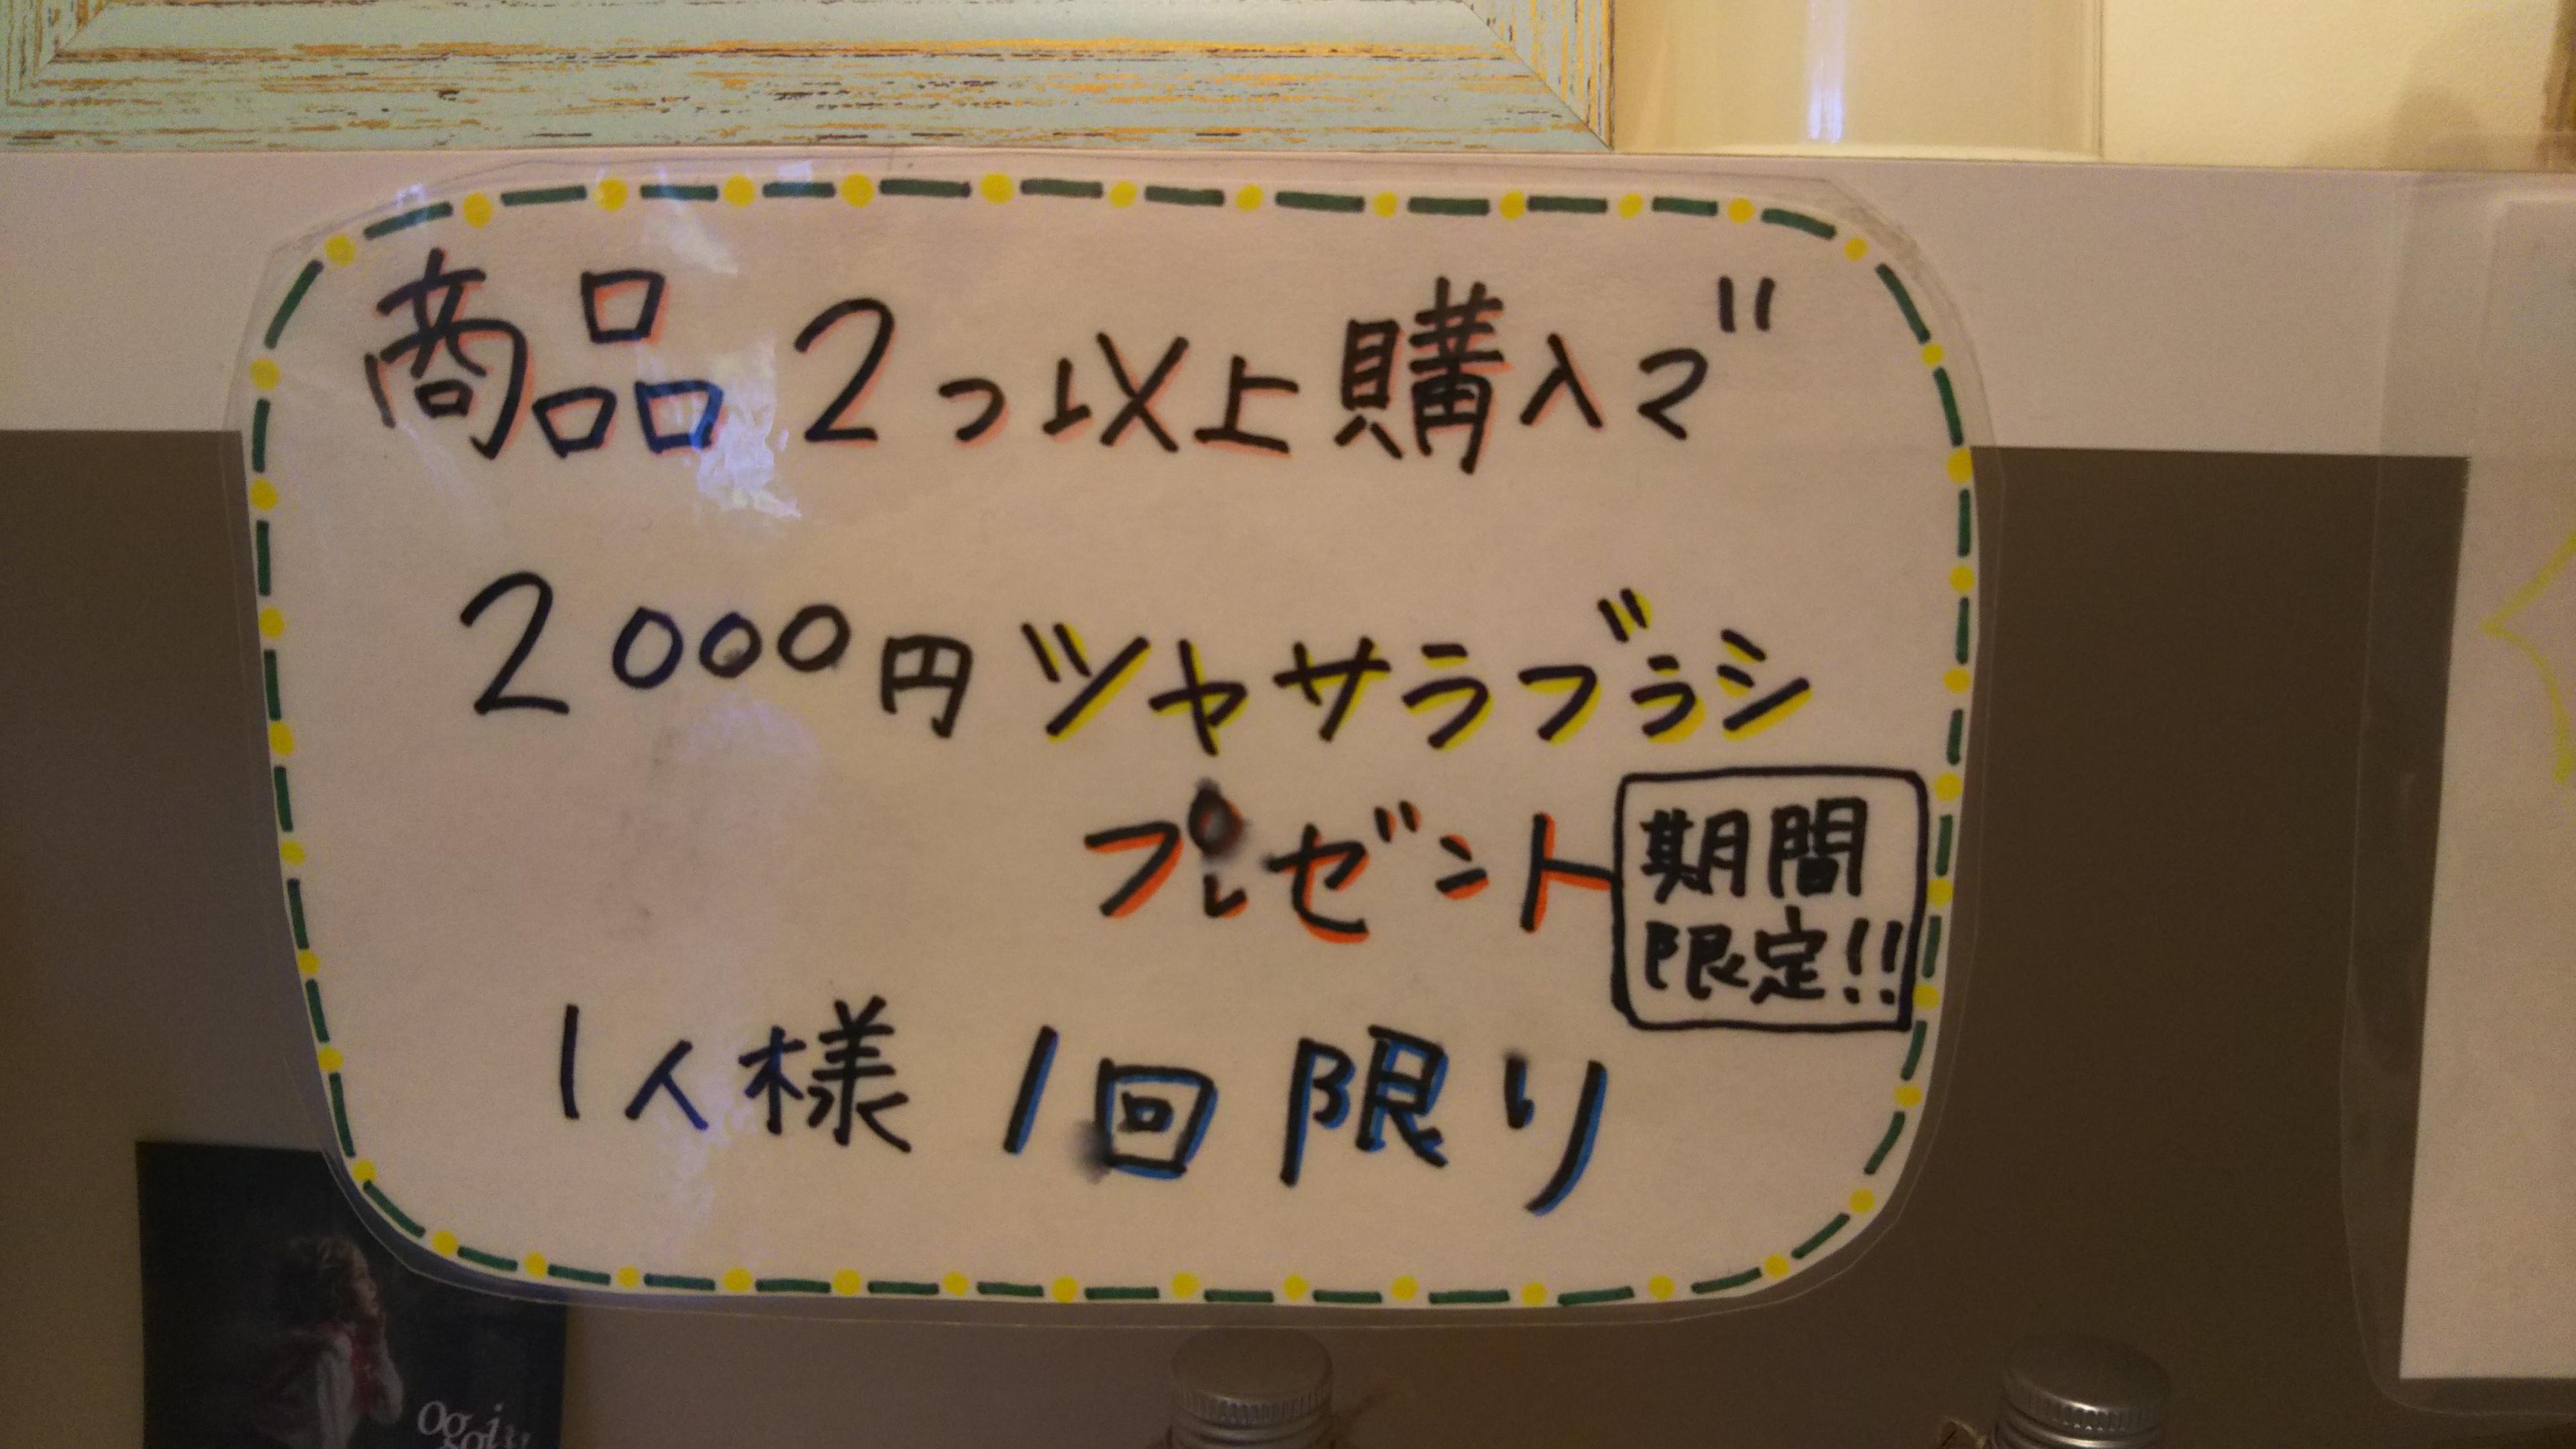 奈良県 大和郡山市小泉駅前美容室SWEET ROOM  ツヤさらブラシプレゼント♪